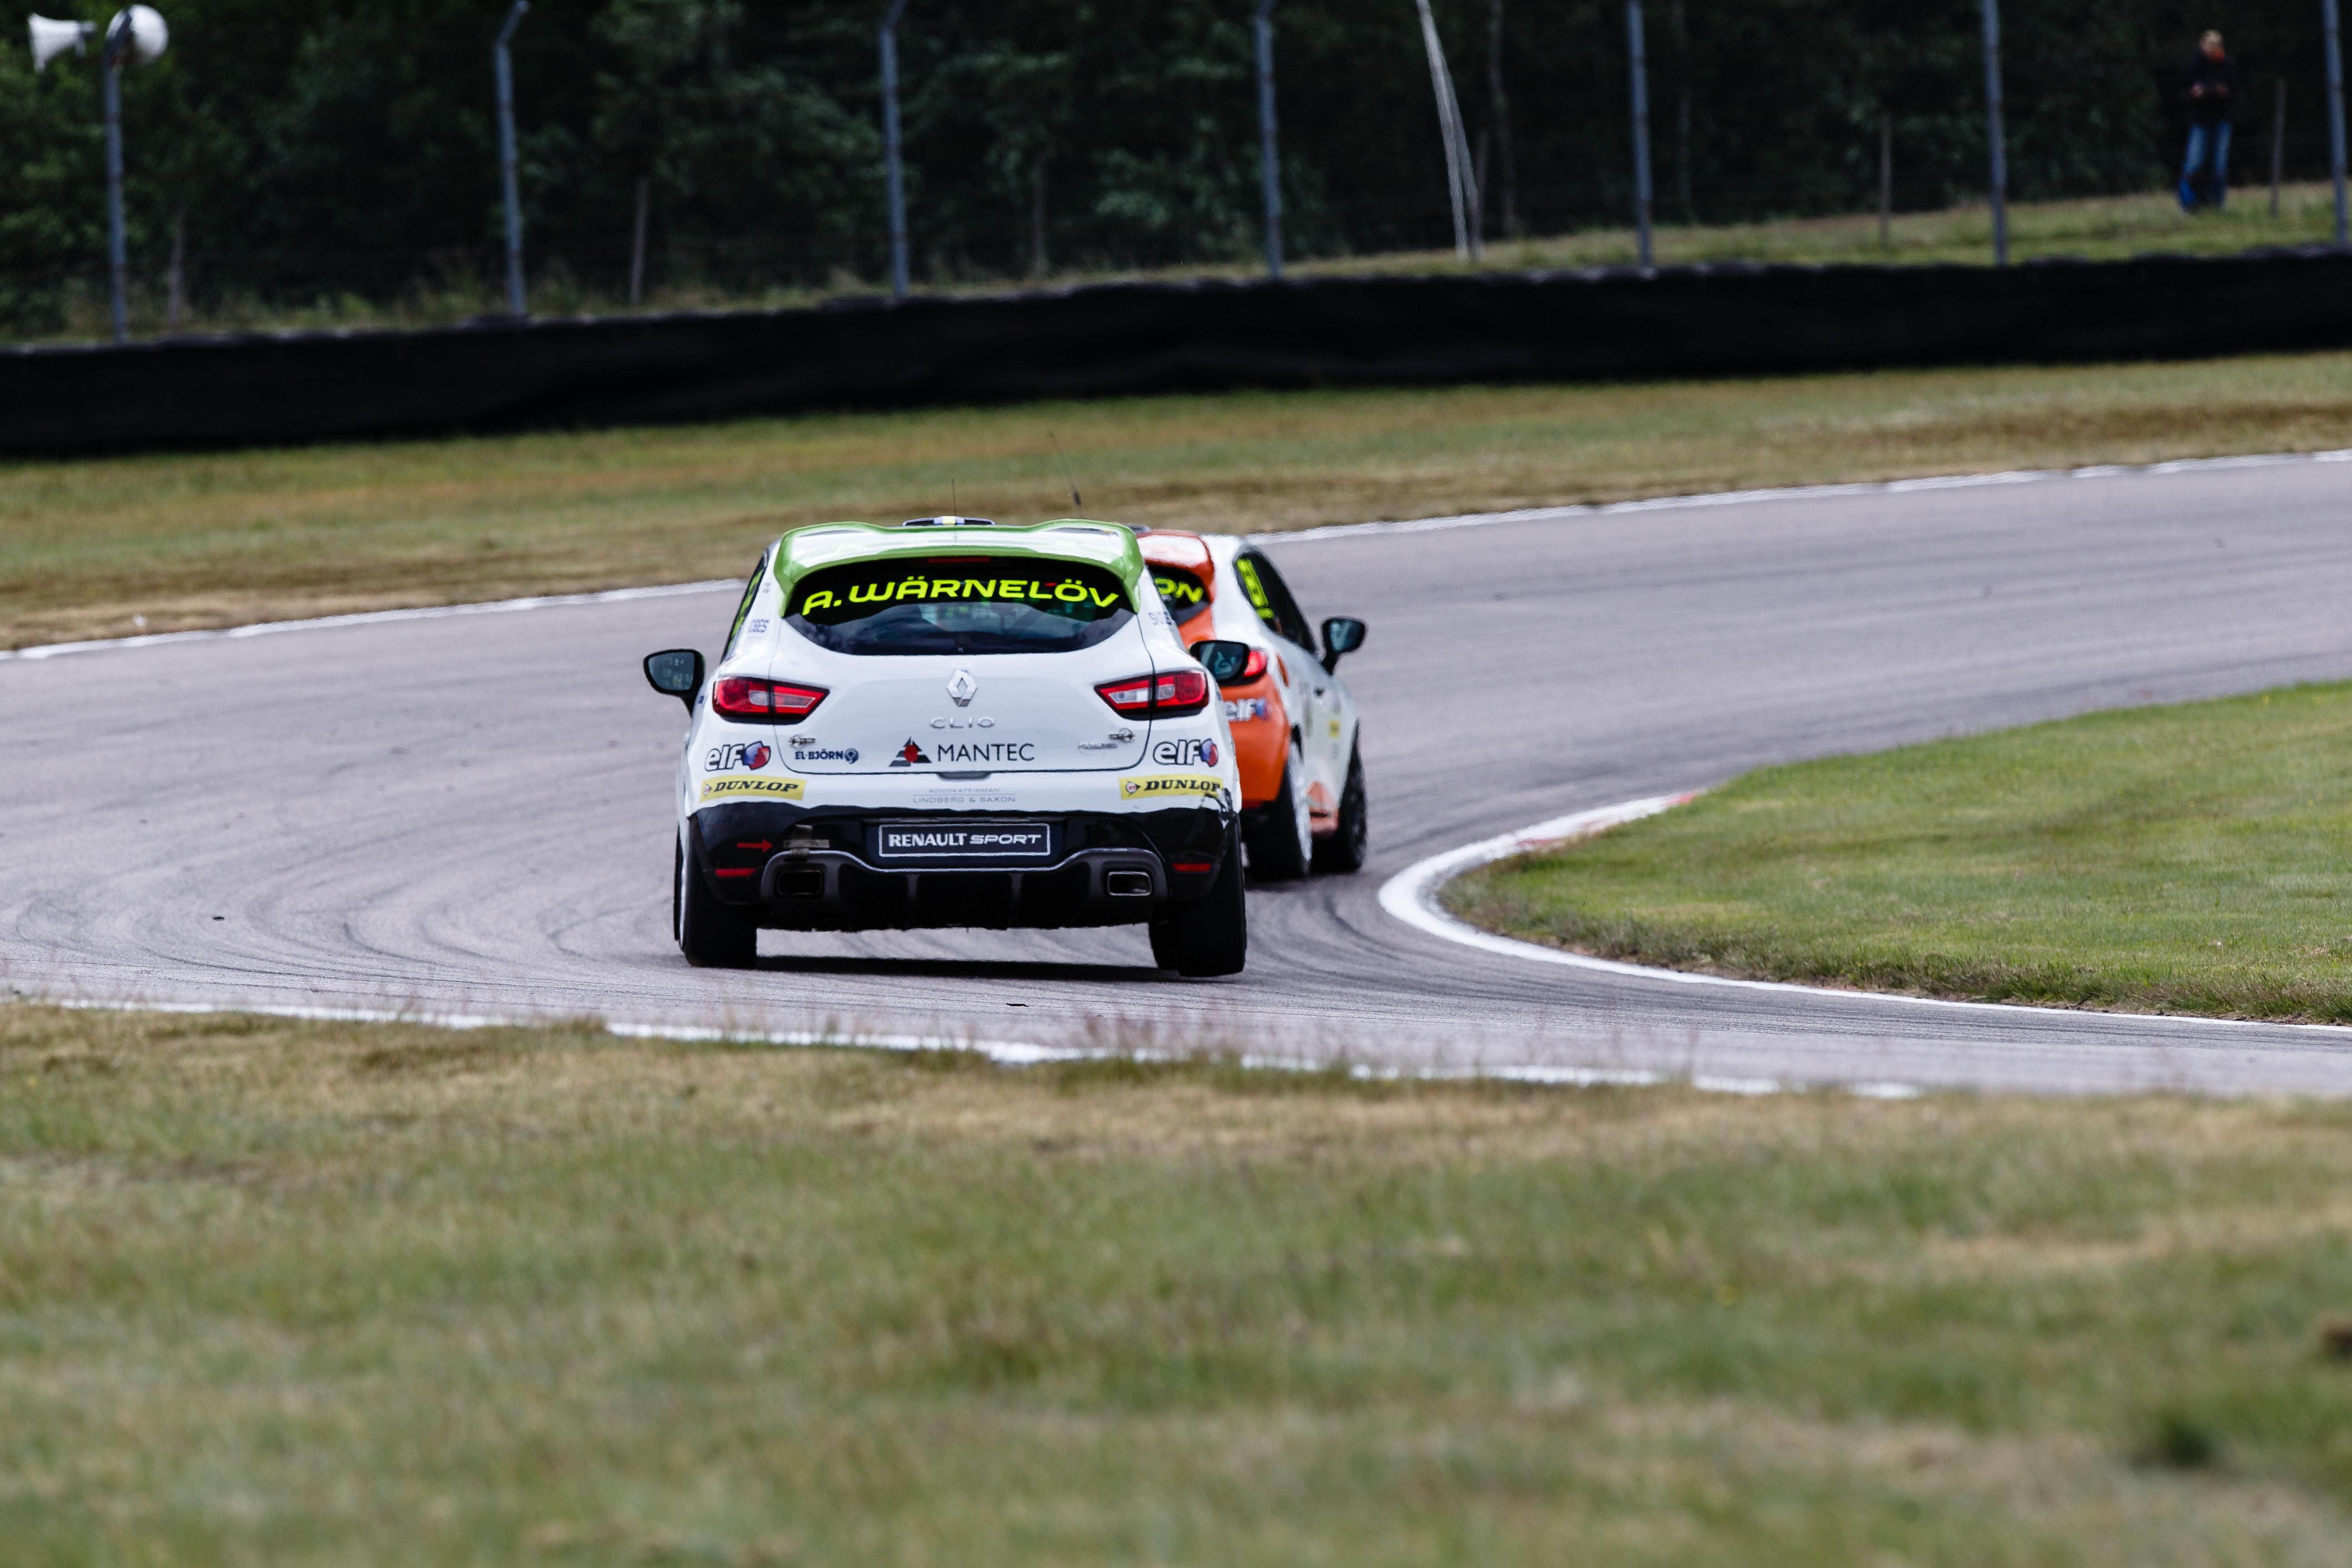 Wärnelöv jagar Oskarsson i race ett på Anderstorp Raceway